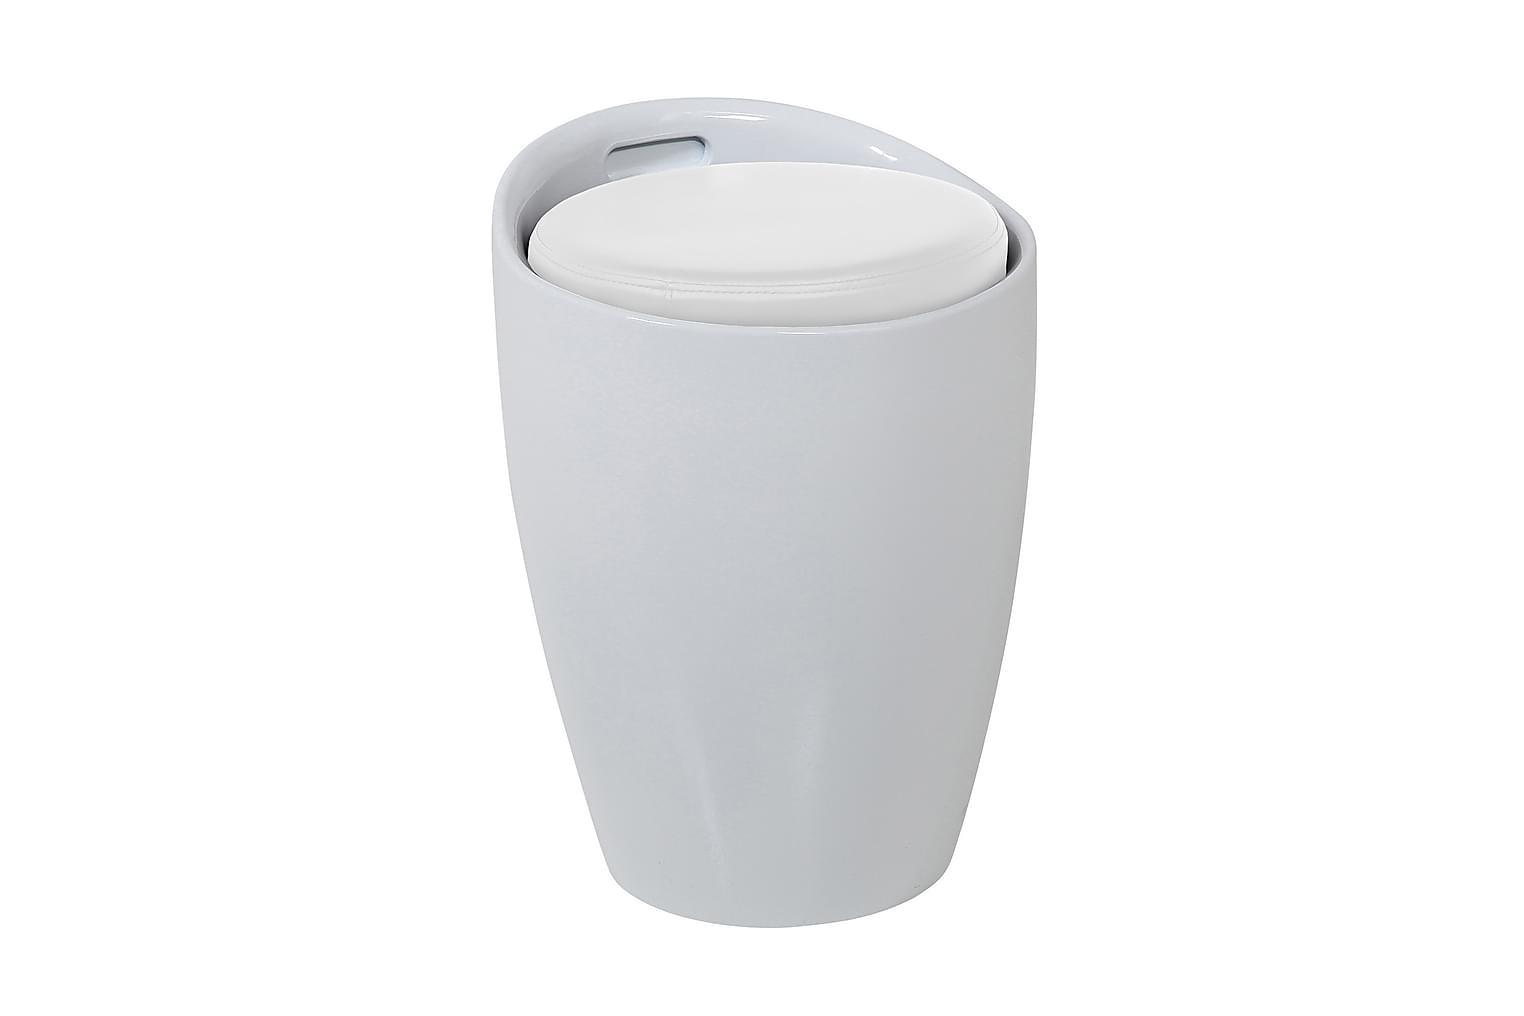 HILLMAN Istuinrahi Valkoinen/valkoinen